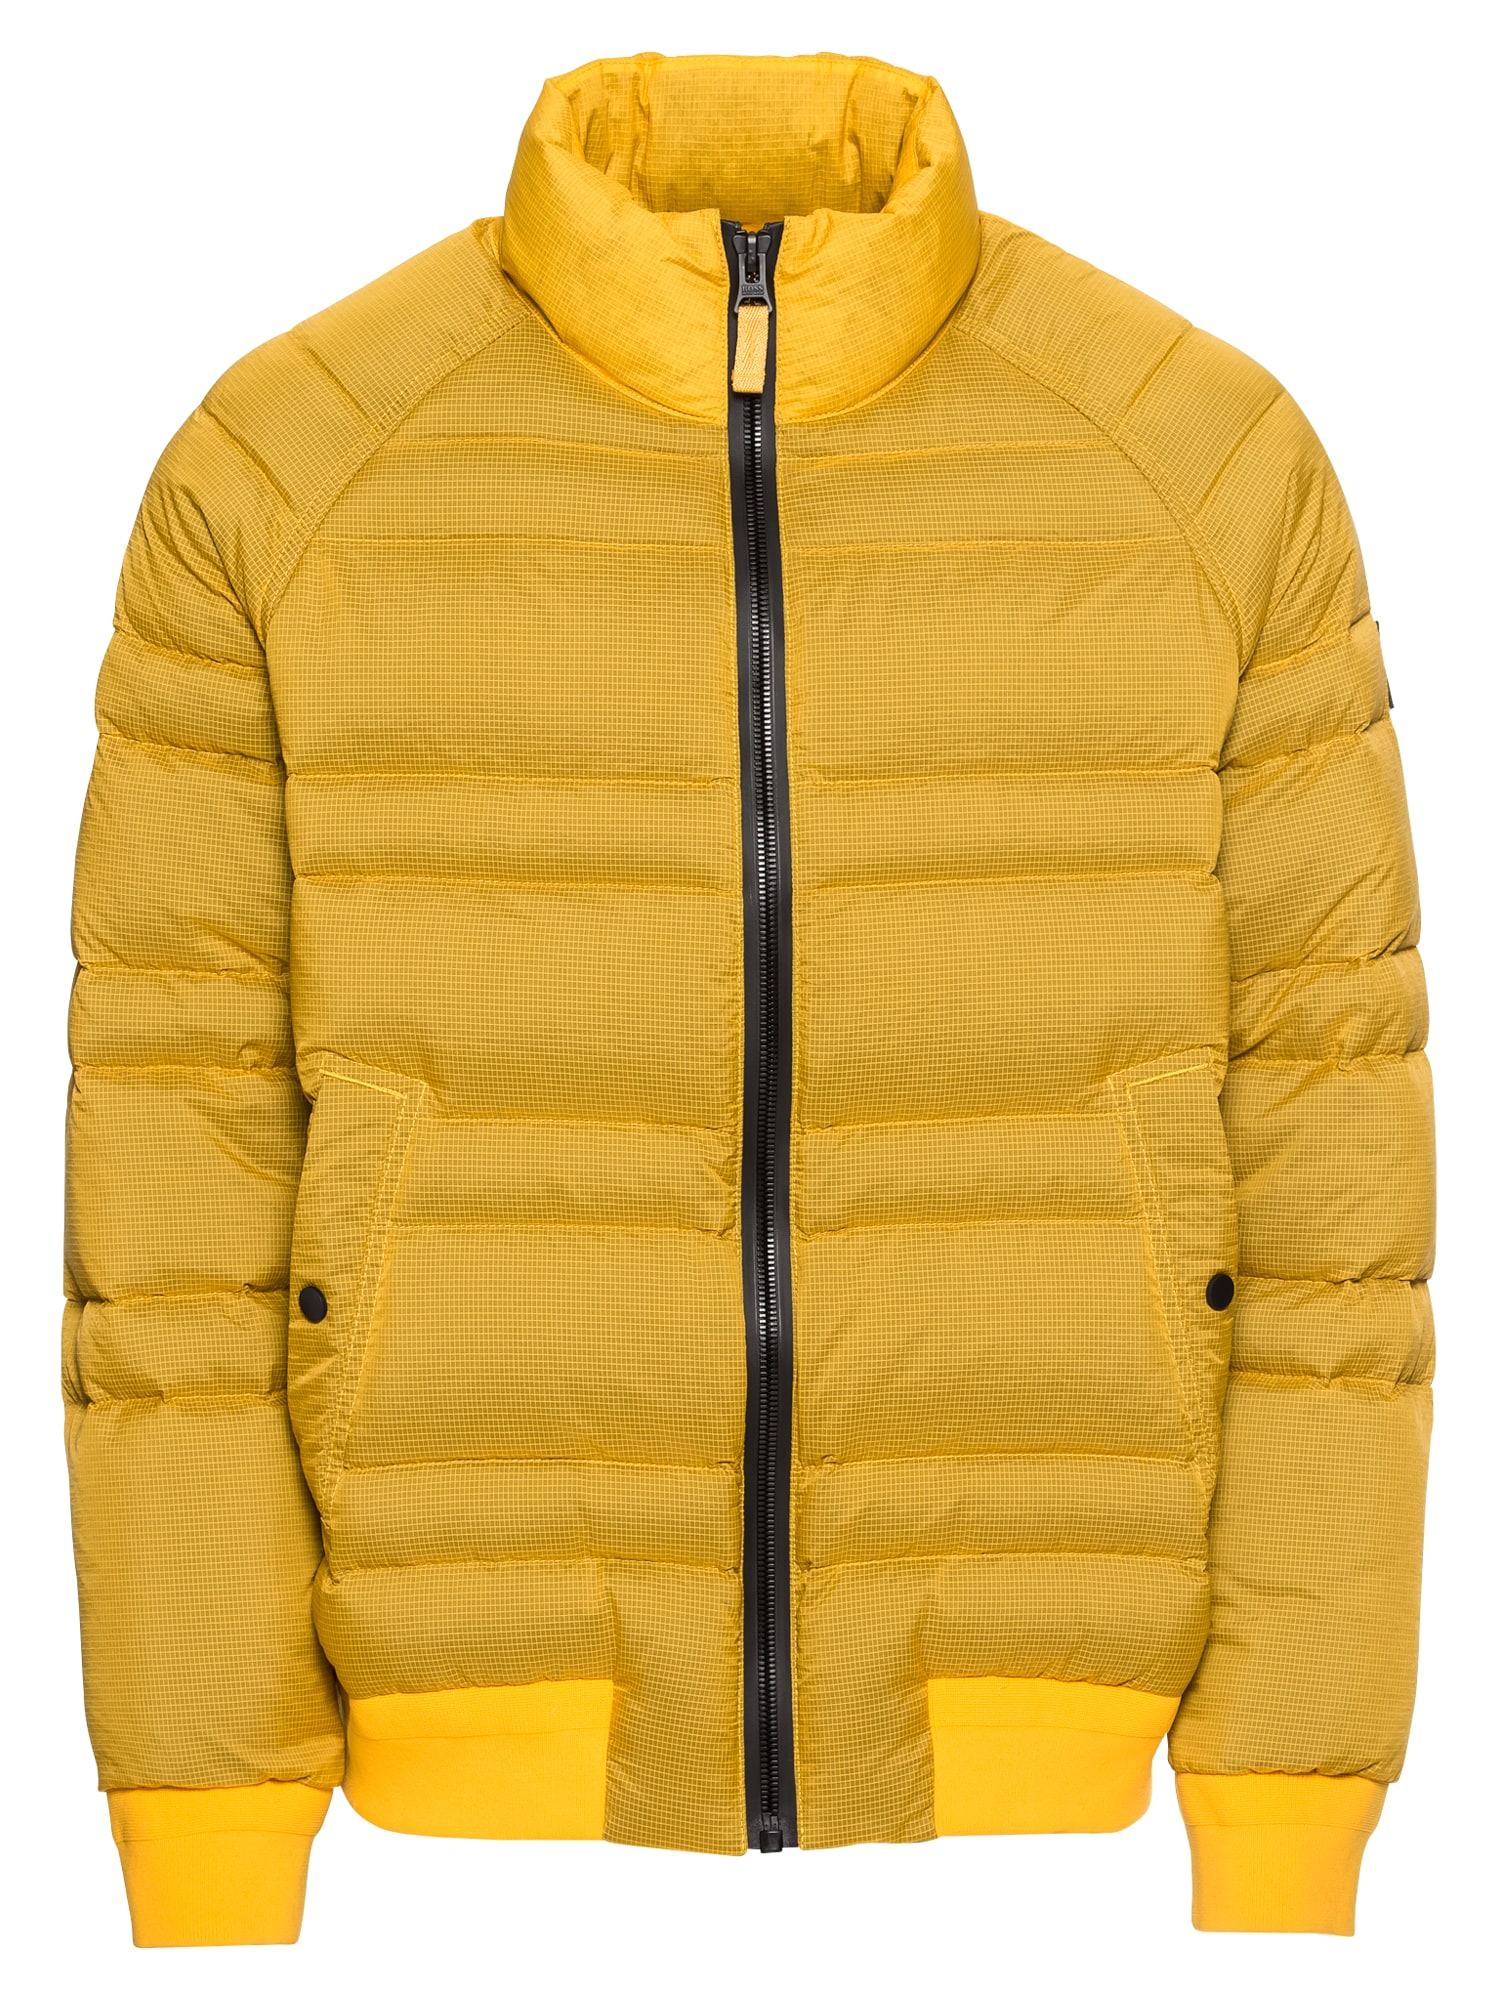 Zimní bunda Ovid zlatě žlutá BOSS